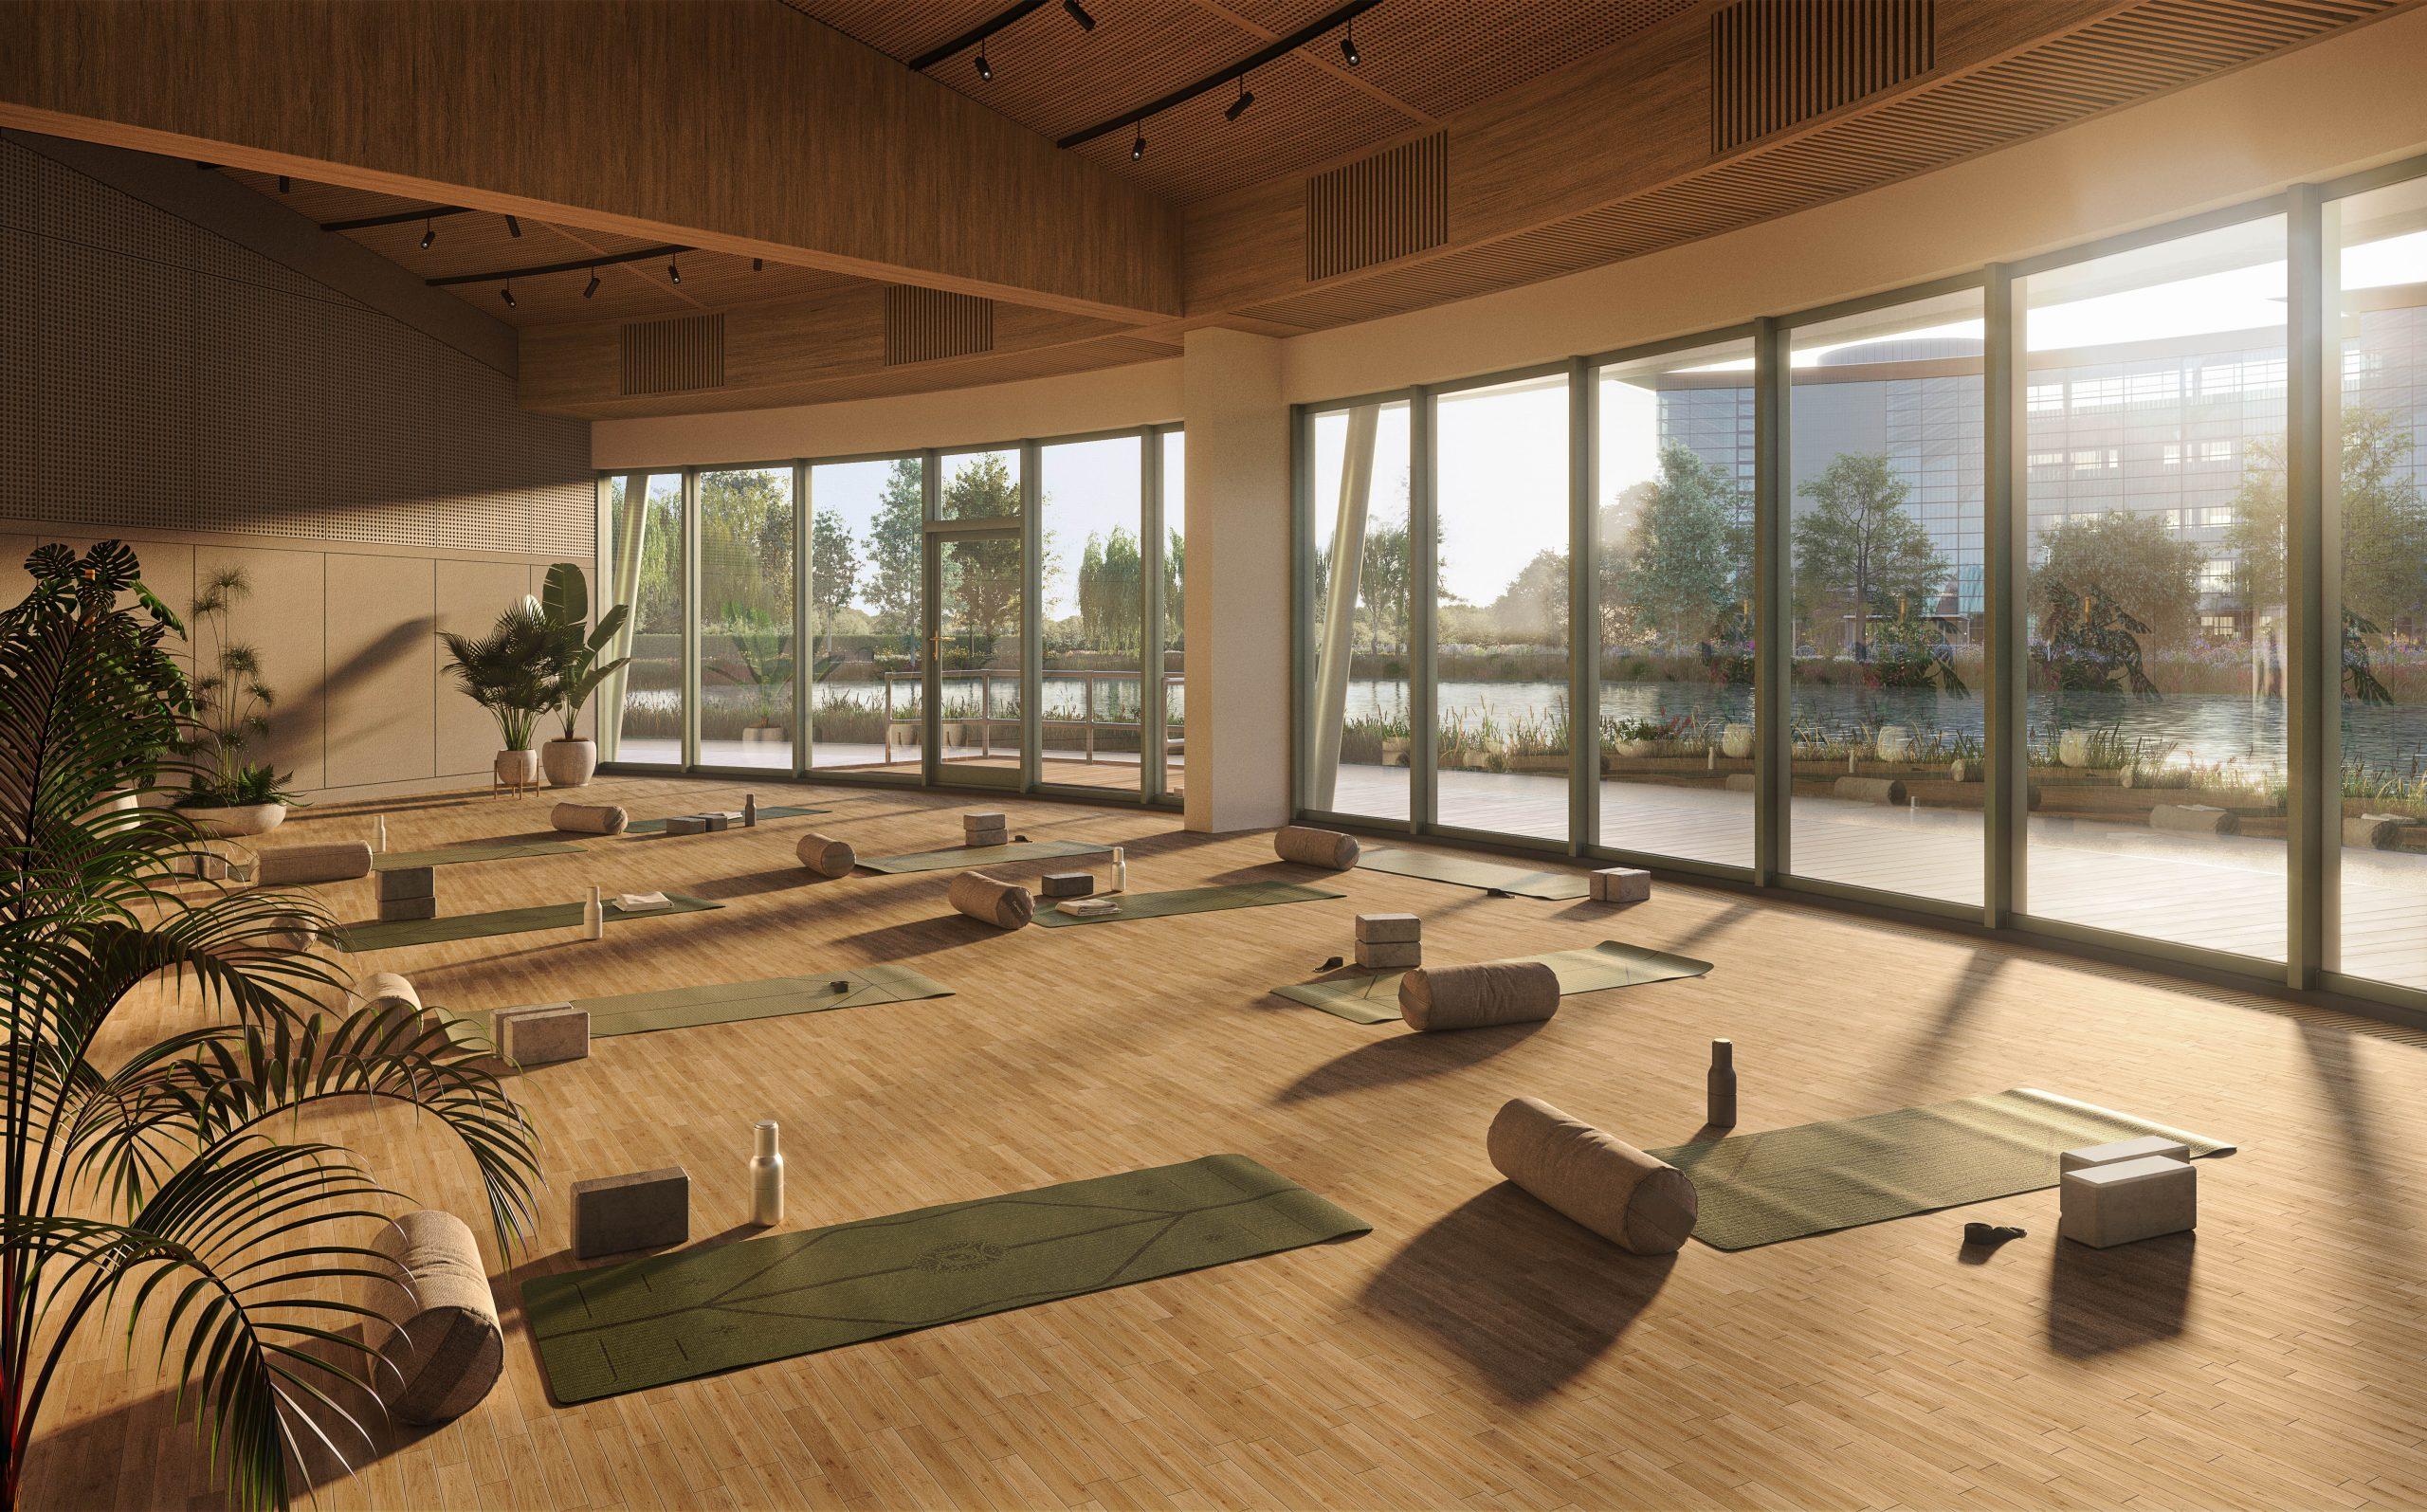 Studio Yoga Space scaled - Reading International, Reading